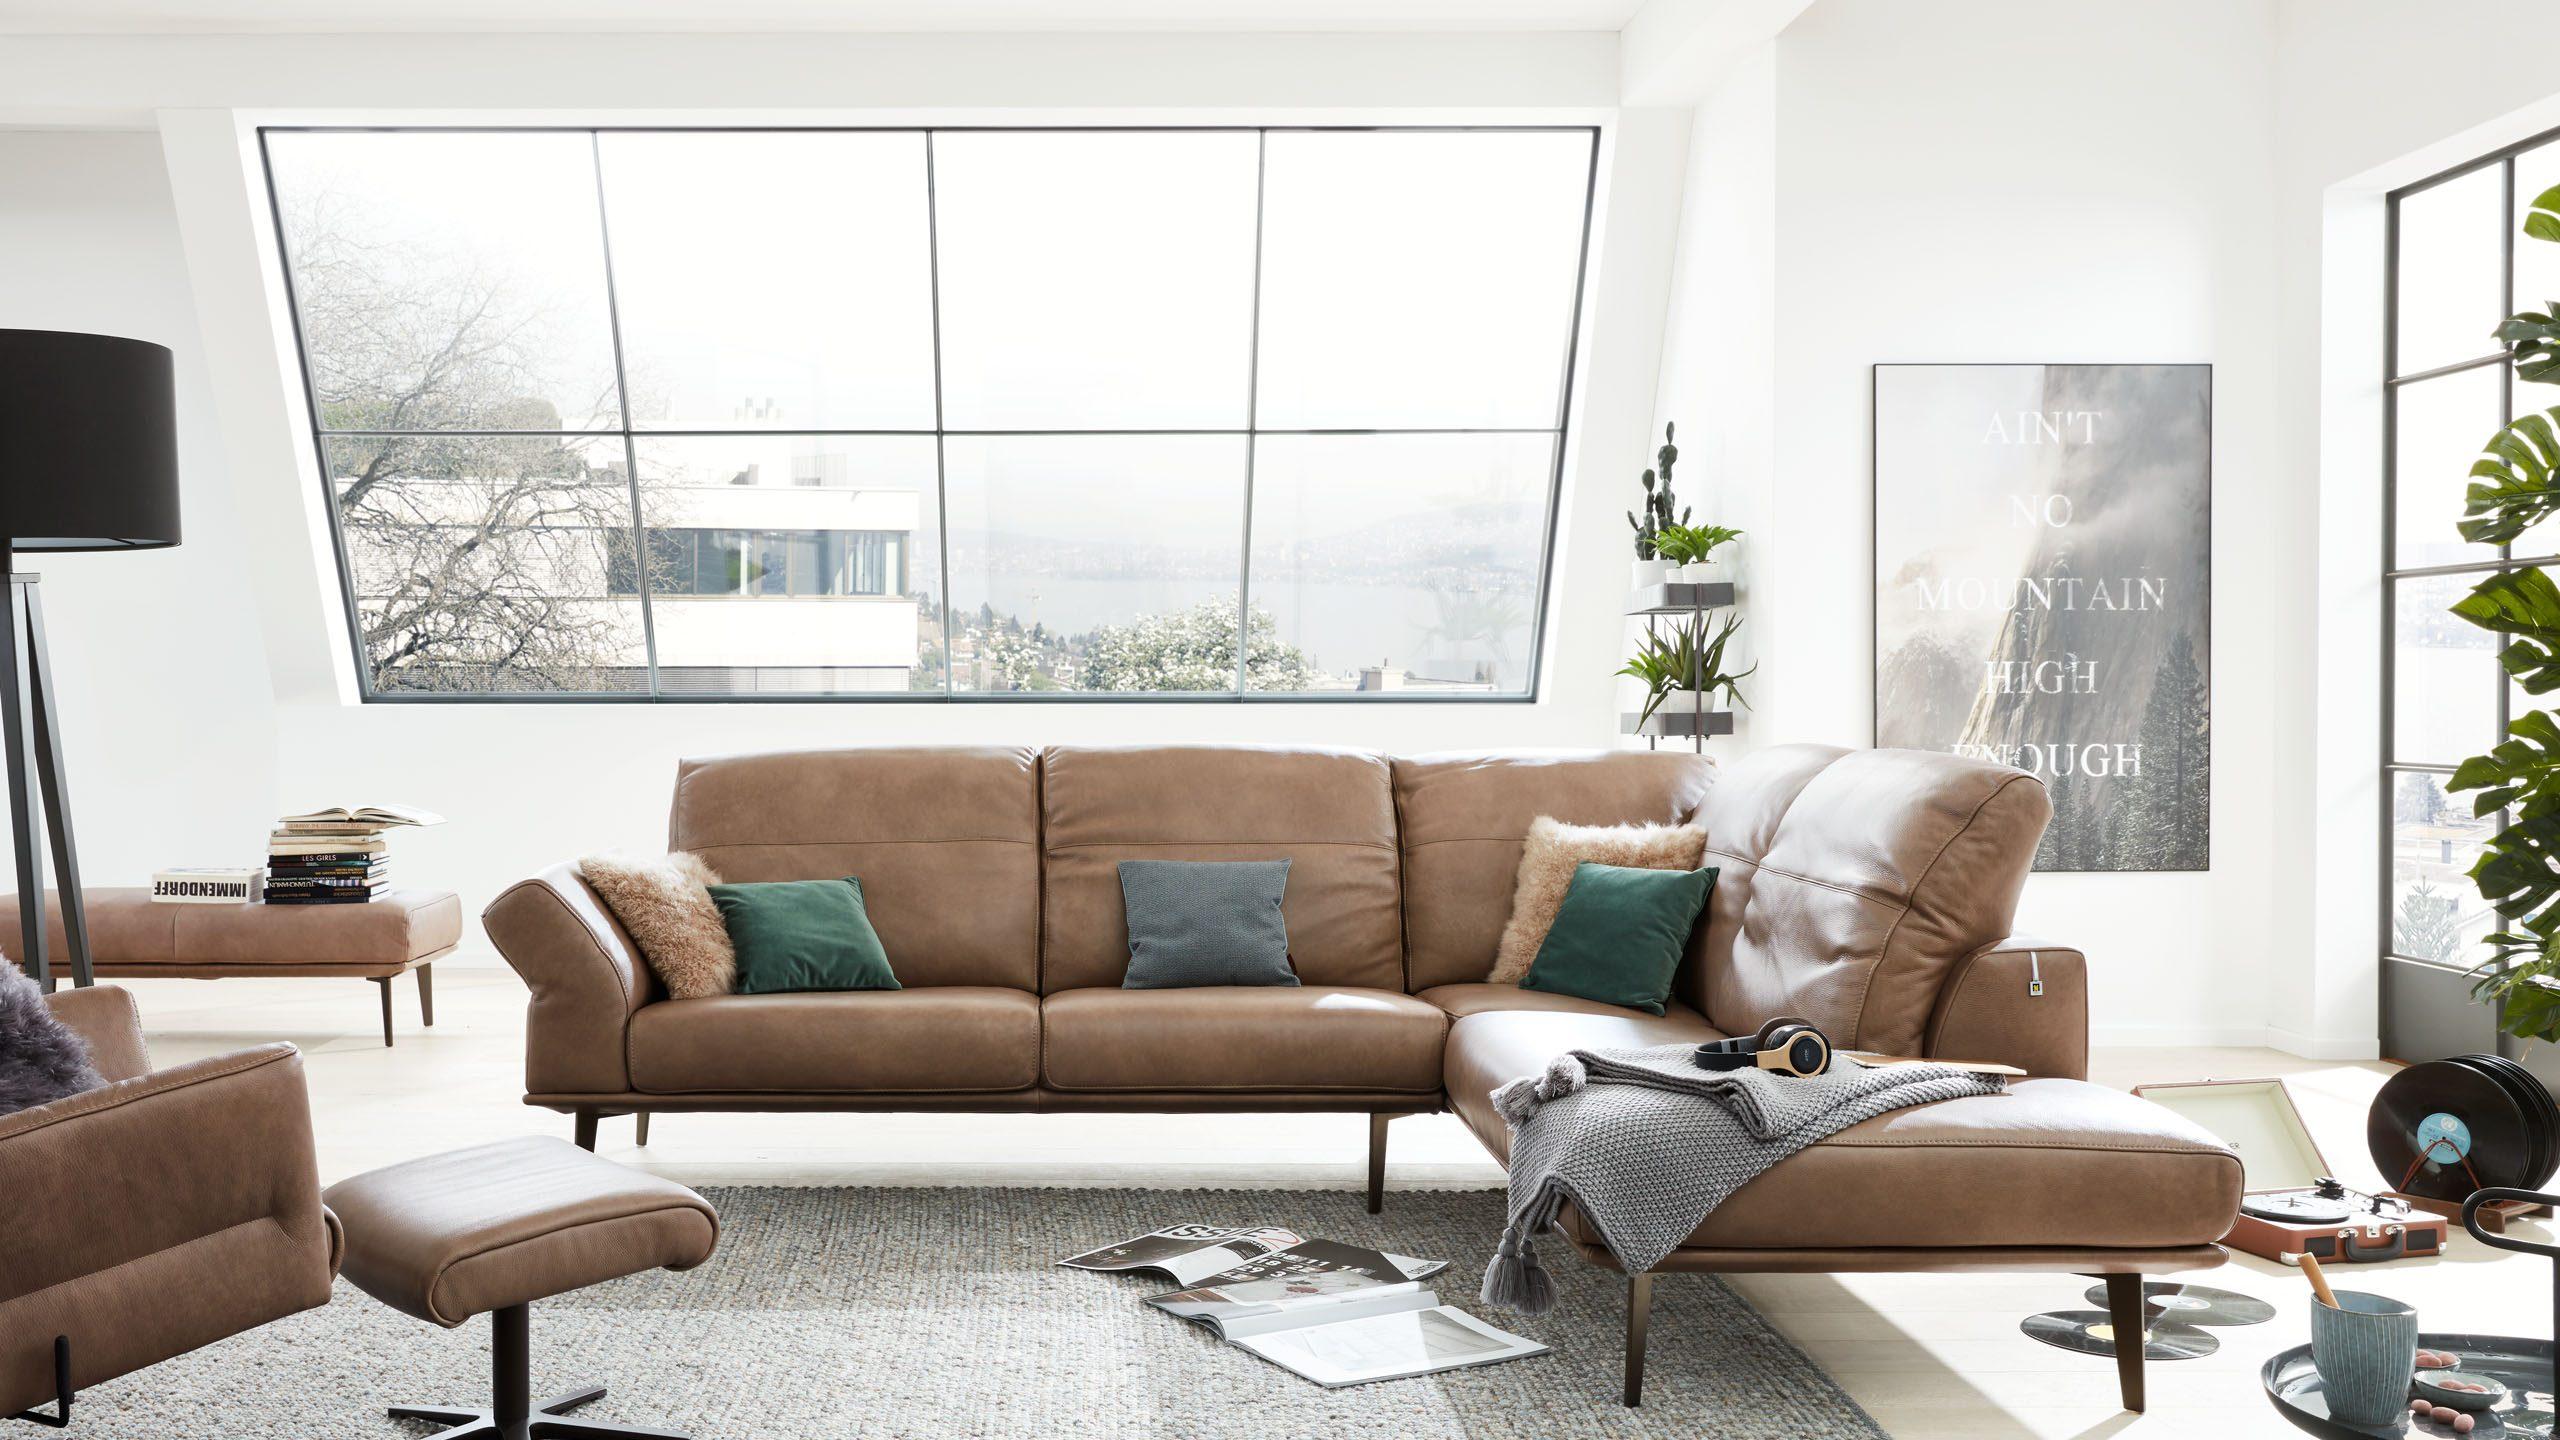 Interliving Sofa Serie 4003 - Ecksofa